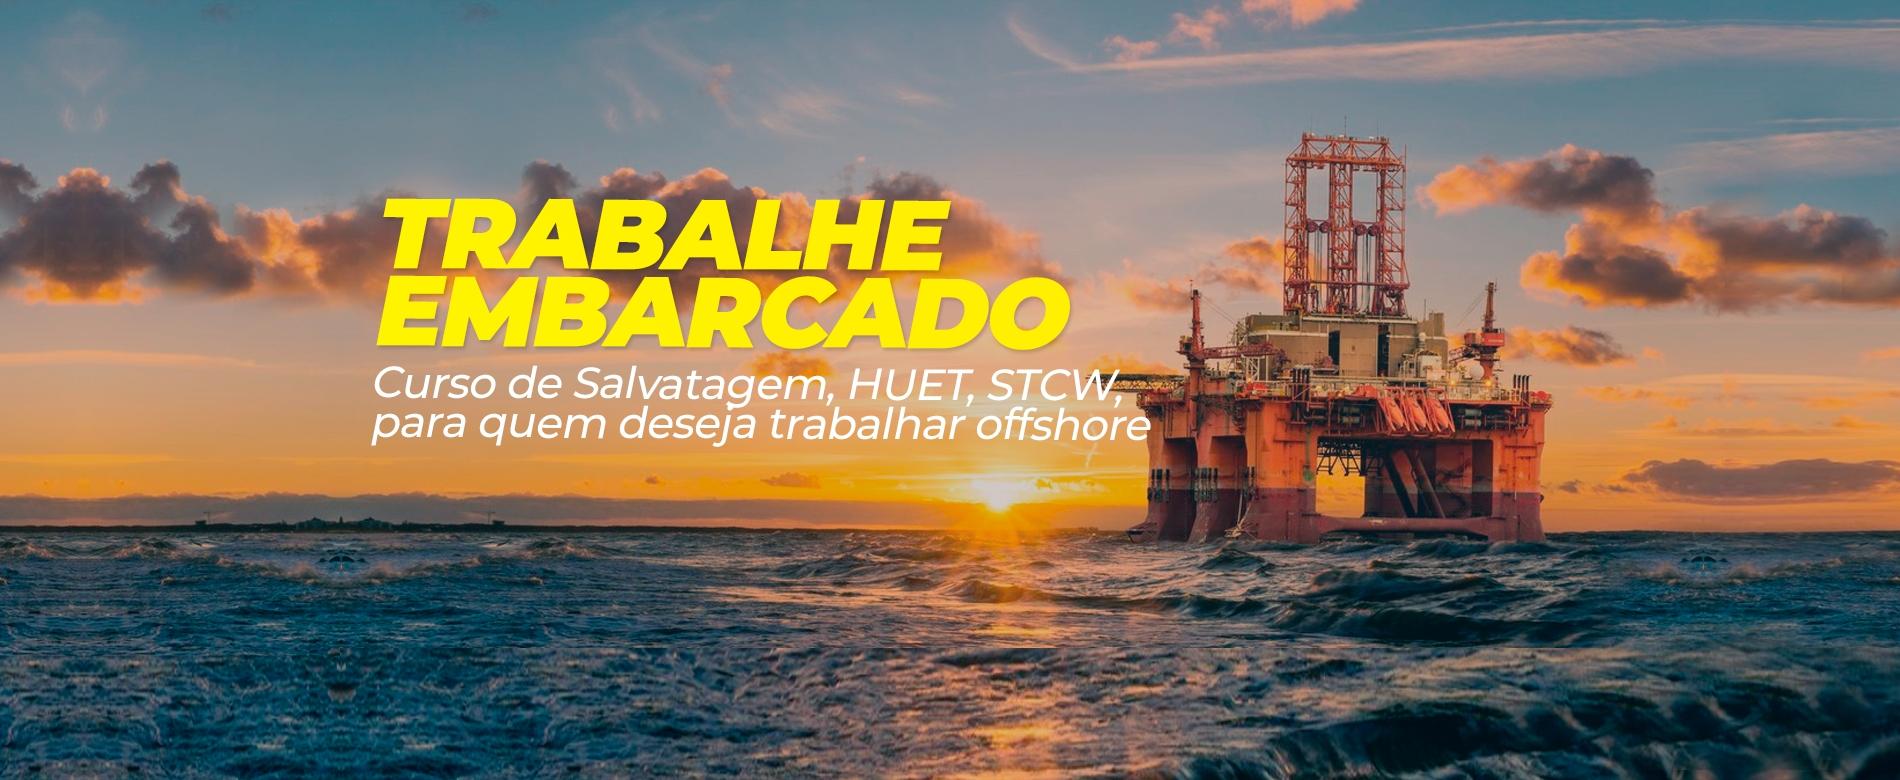 Trabalhe Embarcado em Plataformas de Petróleo - Curso de Salvatagem Offshore